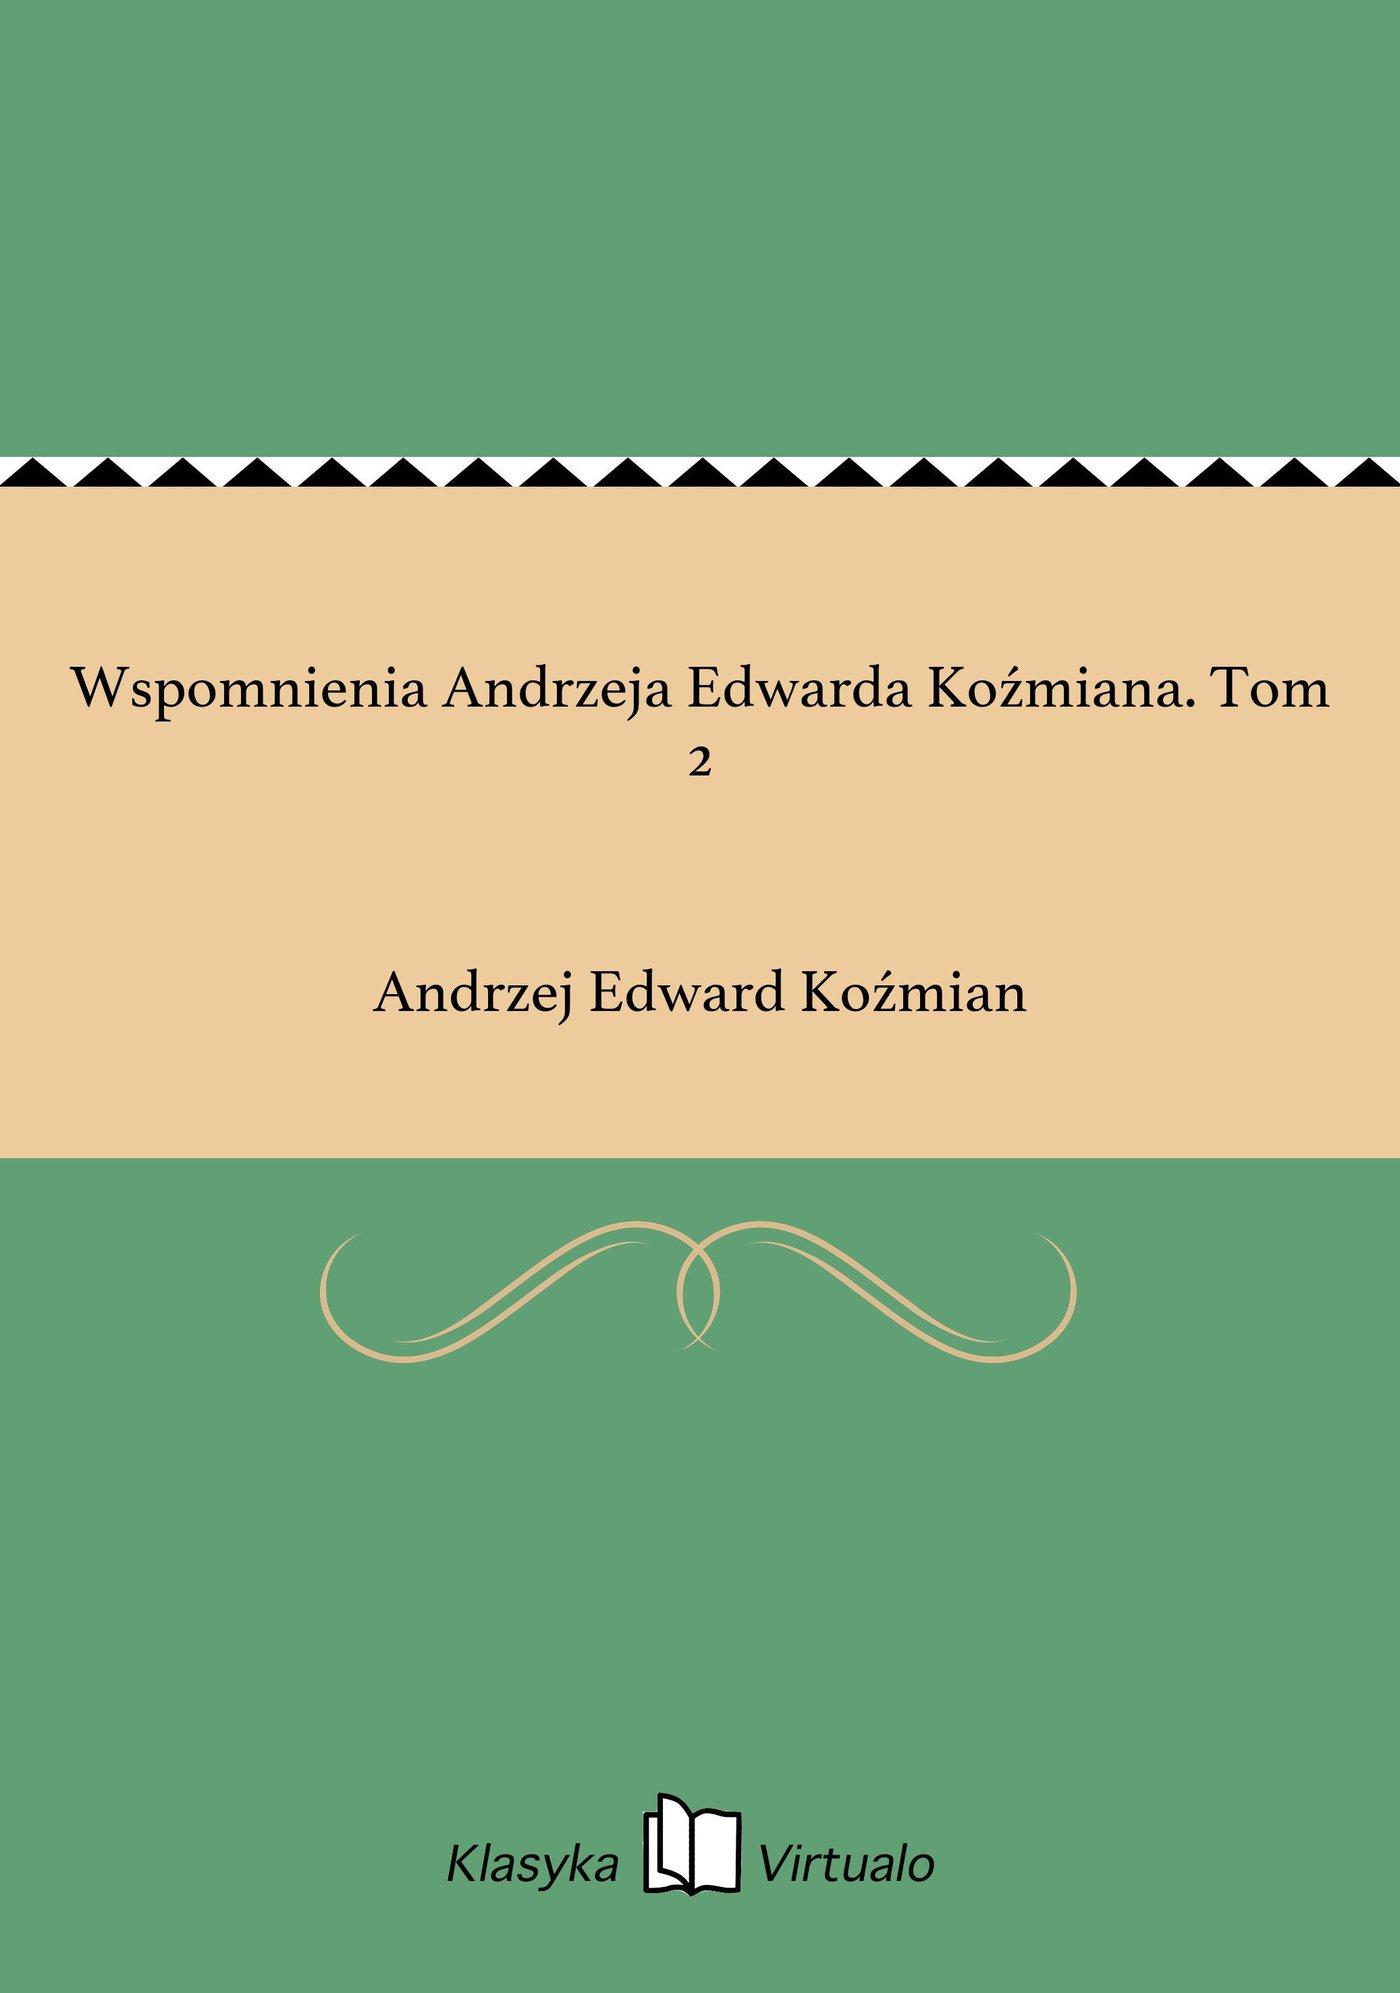 Wspomnienia Andrzeja Edwarda Koźmiana. Tom 2 - Ebook (Książka EPUB) do pobrania w formacie EPUB